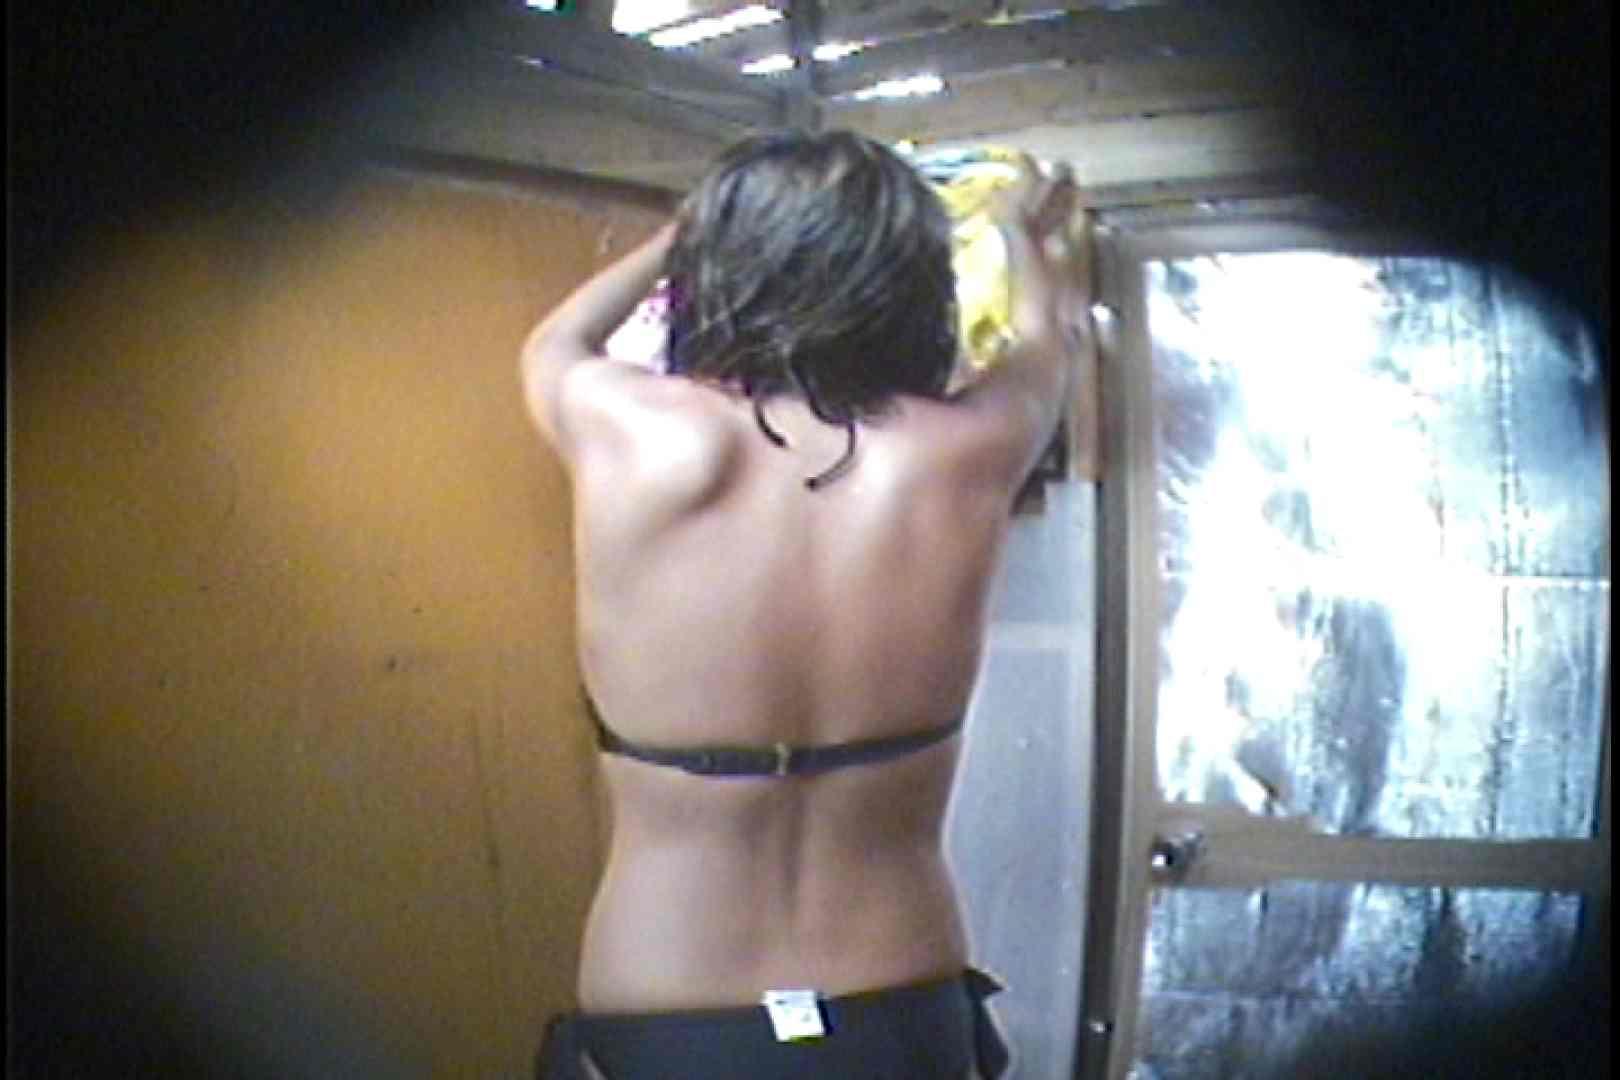 海の家の更衣室 Vol.56 シャワー中   美女達のヌード  69連発 21